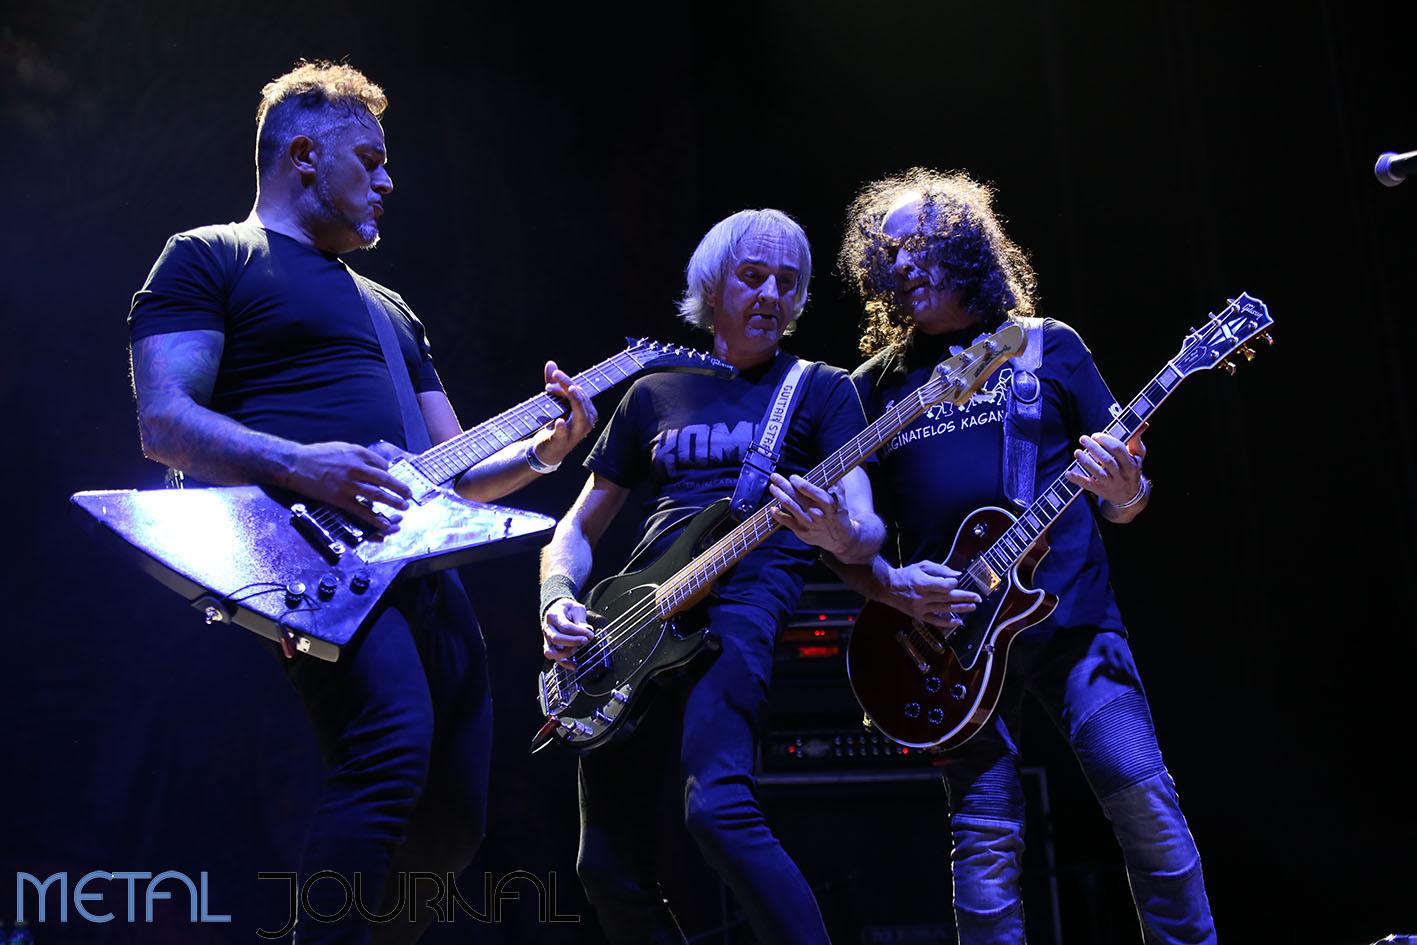 koma - leyendas del rock 2019 metal journal pic 3